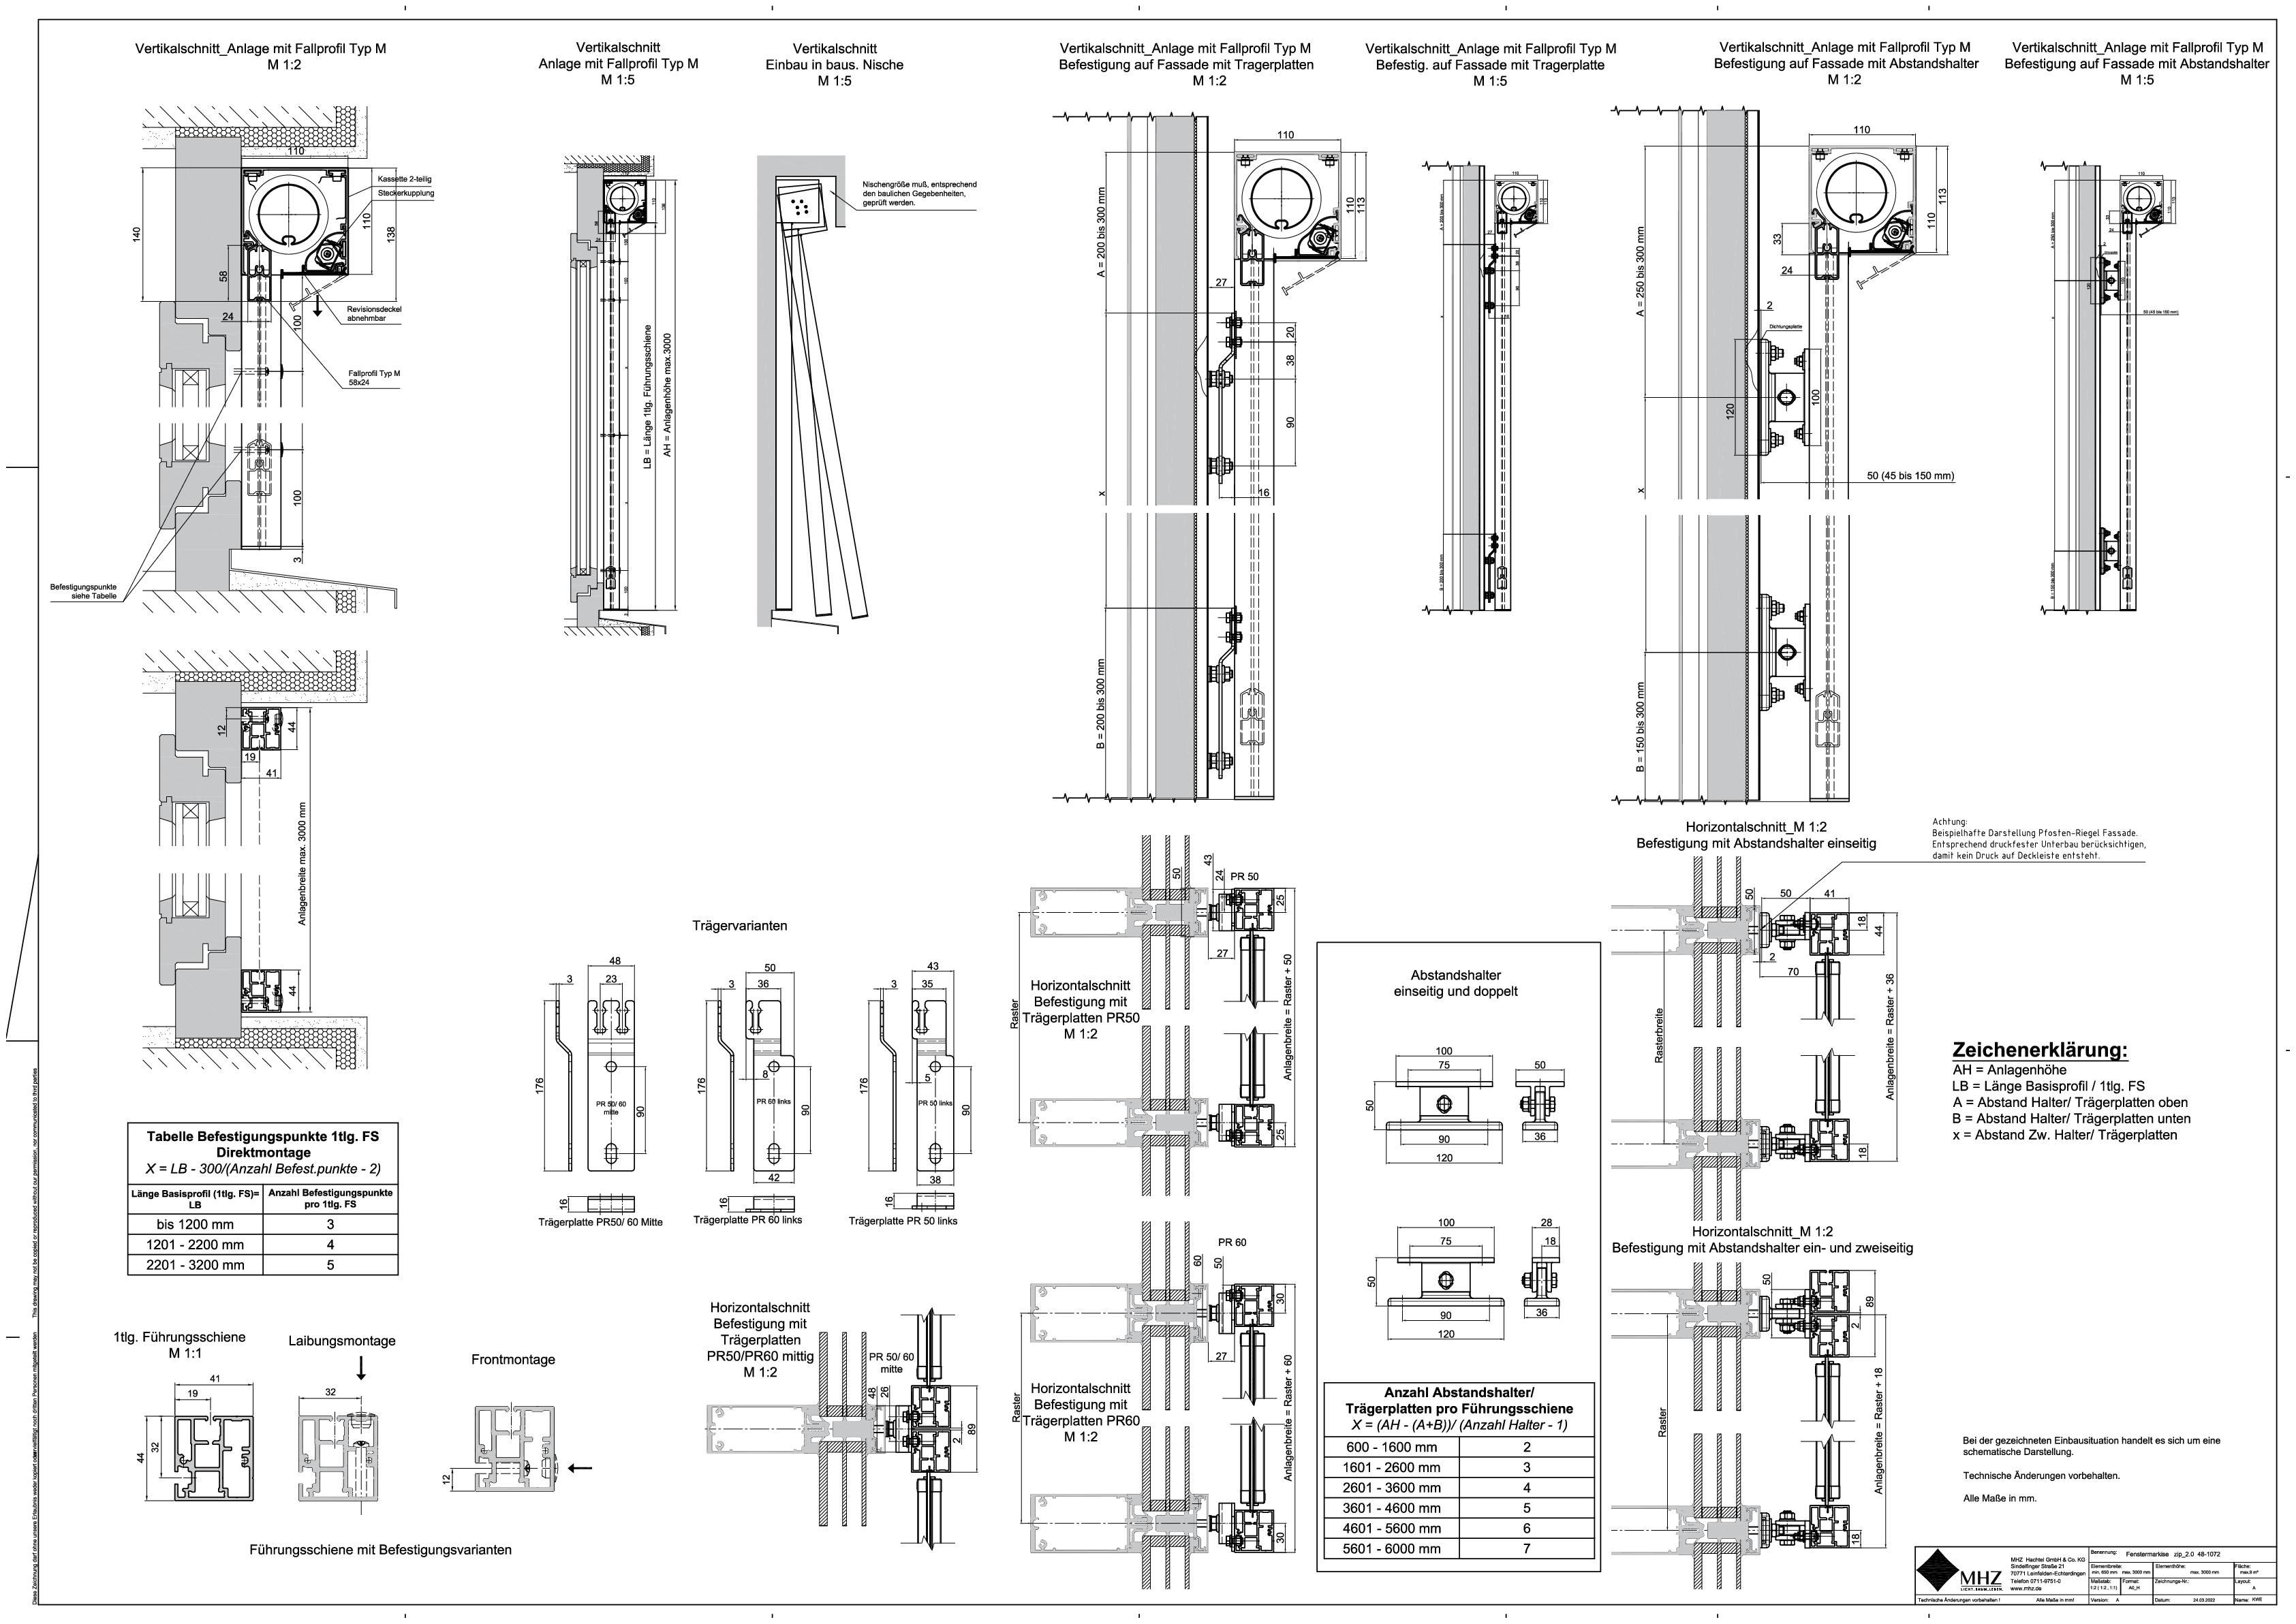 Technische Zeichnung Fenstermarkisen zip_2.0 48-1072 (pdf)